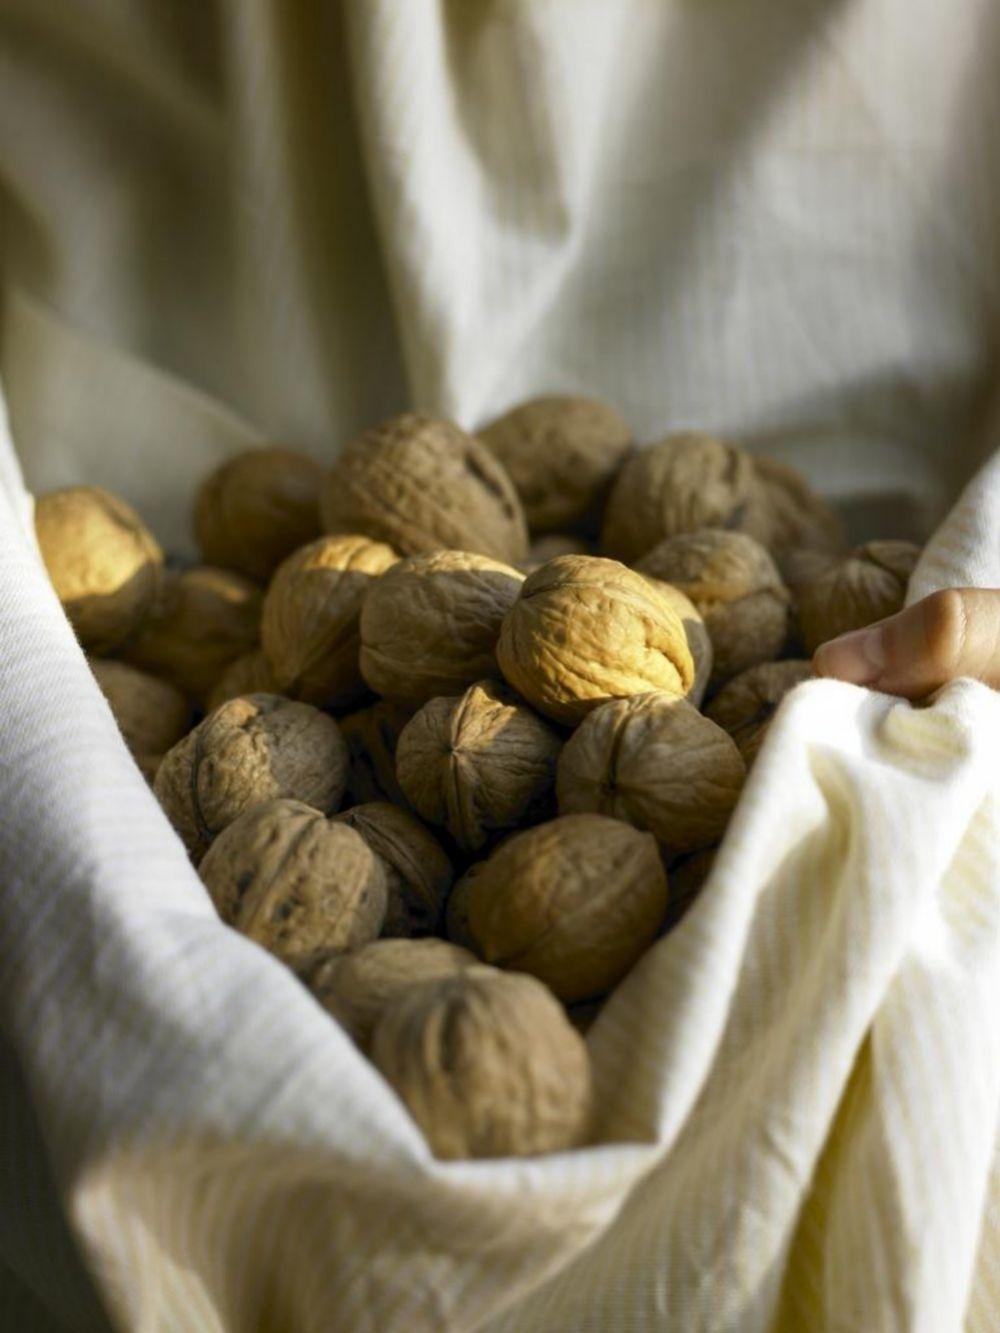 Las nueces aportan grasas beneficiosas y ayudan a prevenir las enfermedades neurodegenerativas.